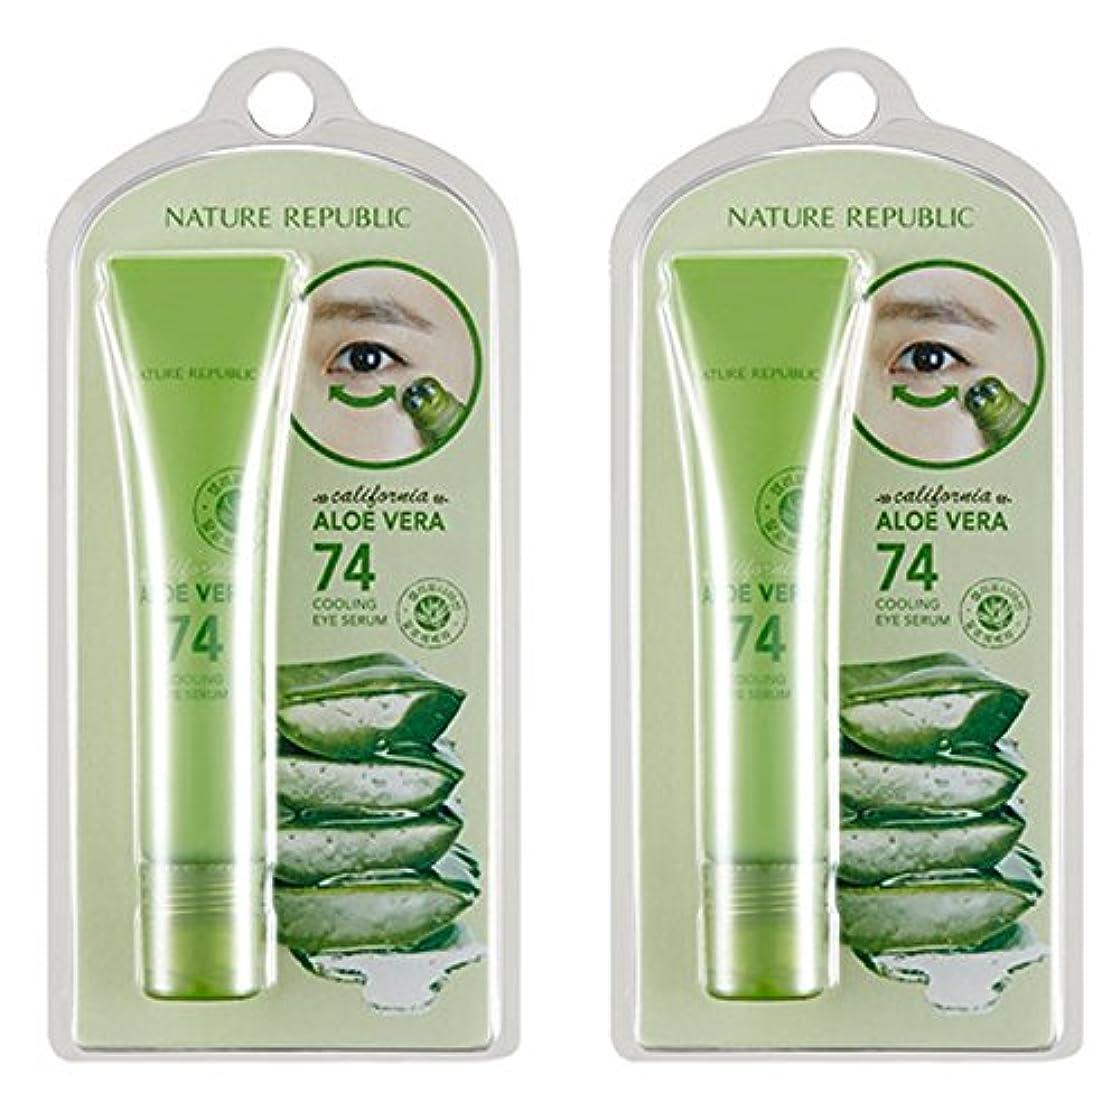 堤防休日に興奮[韓国 Nature Republic] Nature Republic カリフォルニア アロエ ベラ 74 クーリング アイ セラム15 Ml 1+1 アイ スキン ケア マッサージ モイスチャー しわ 改善 (Nature Republic California Aloe Vera 74 Cooling Eye Serum 15 Ml 1+1 Eye Skin Care Massage Moisture Wrinkle Improvement) [並行輸入品]